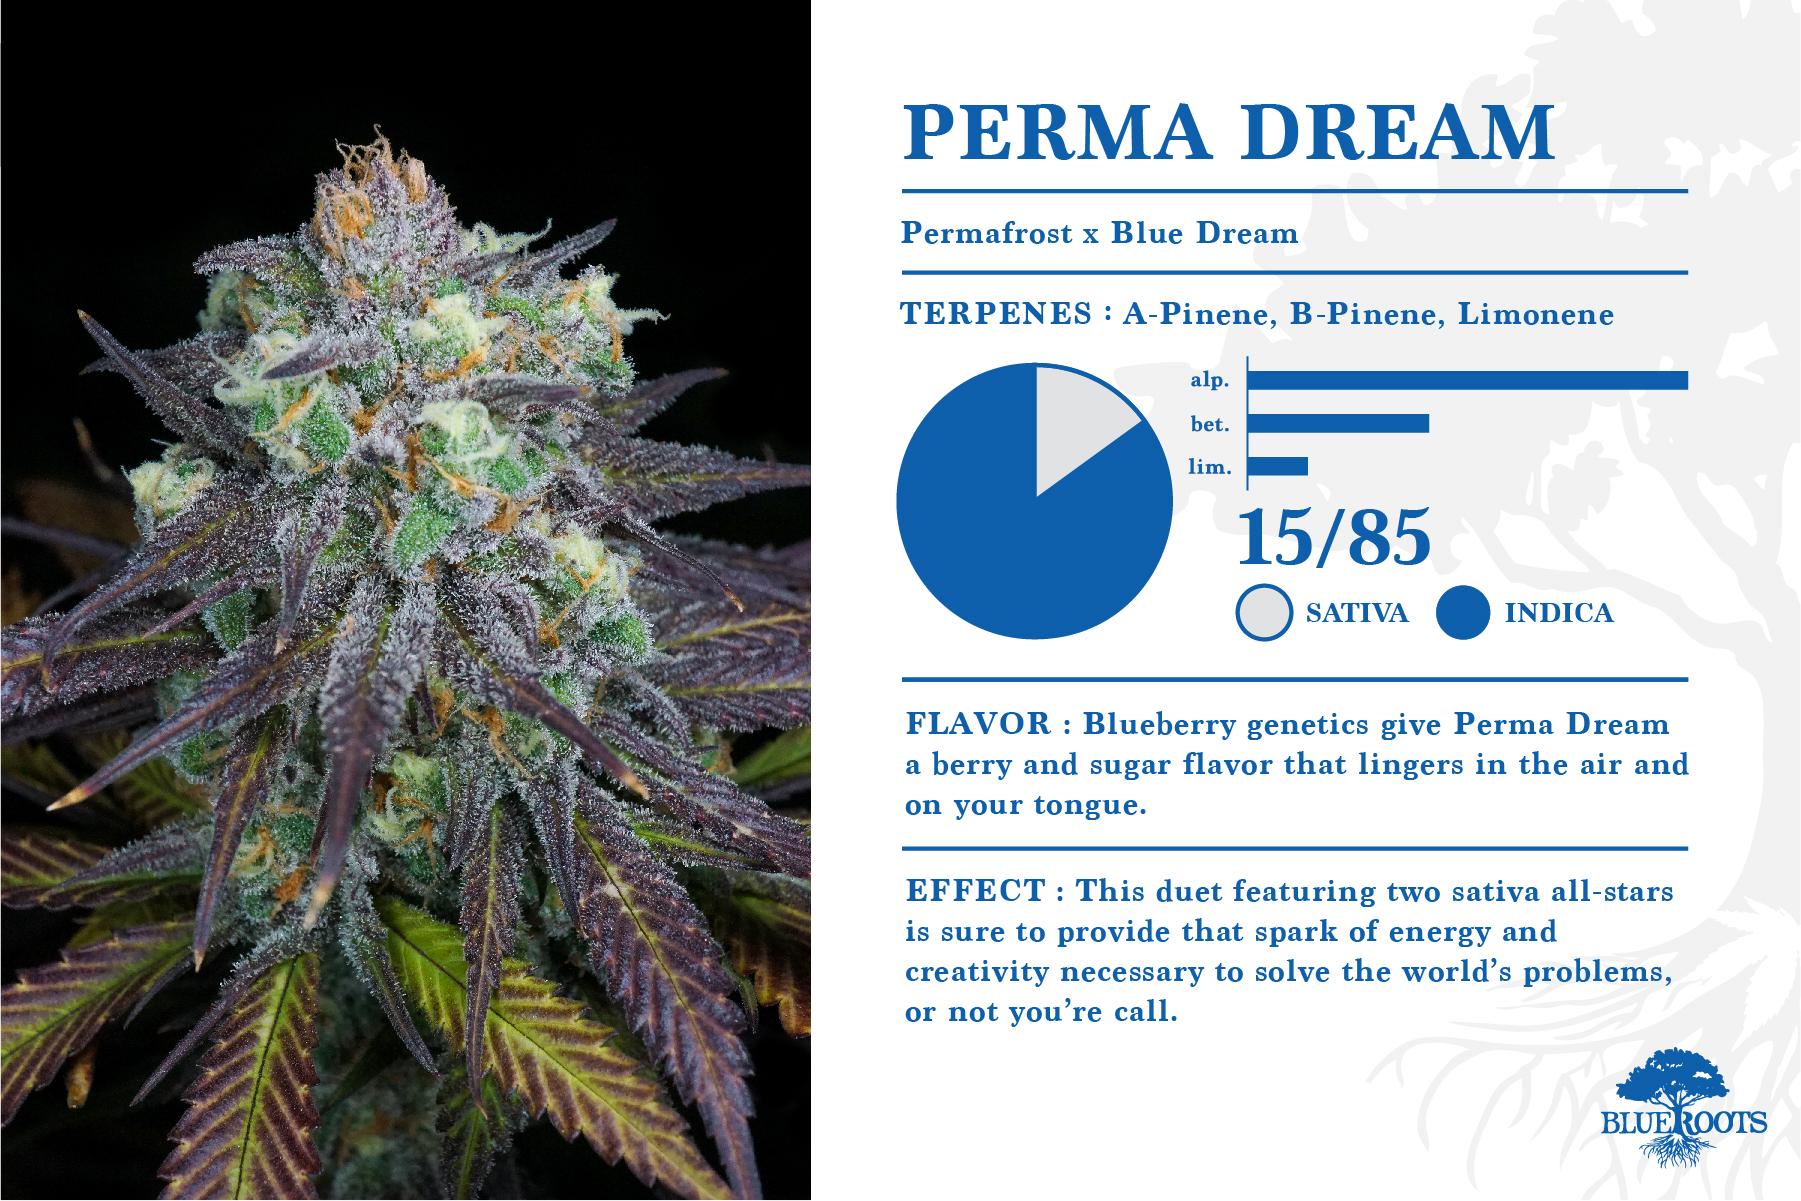 Perma Dream — Blue Roots Cannabis Co